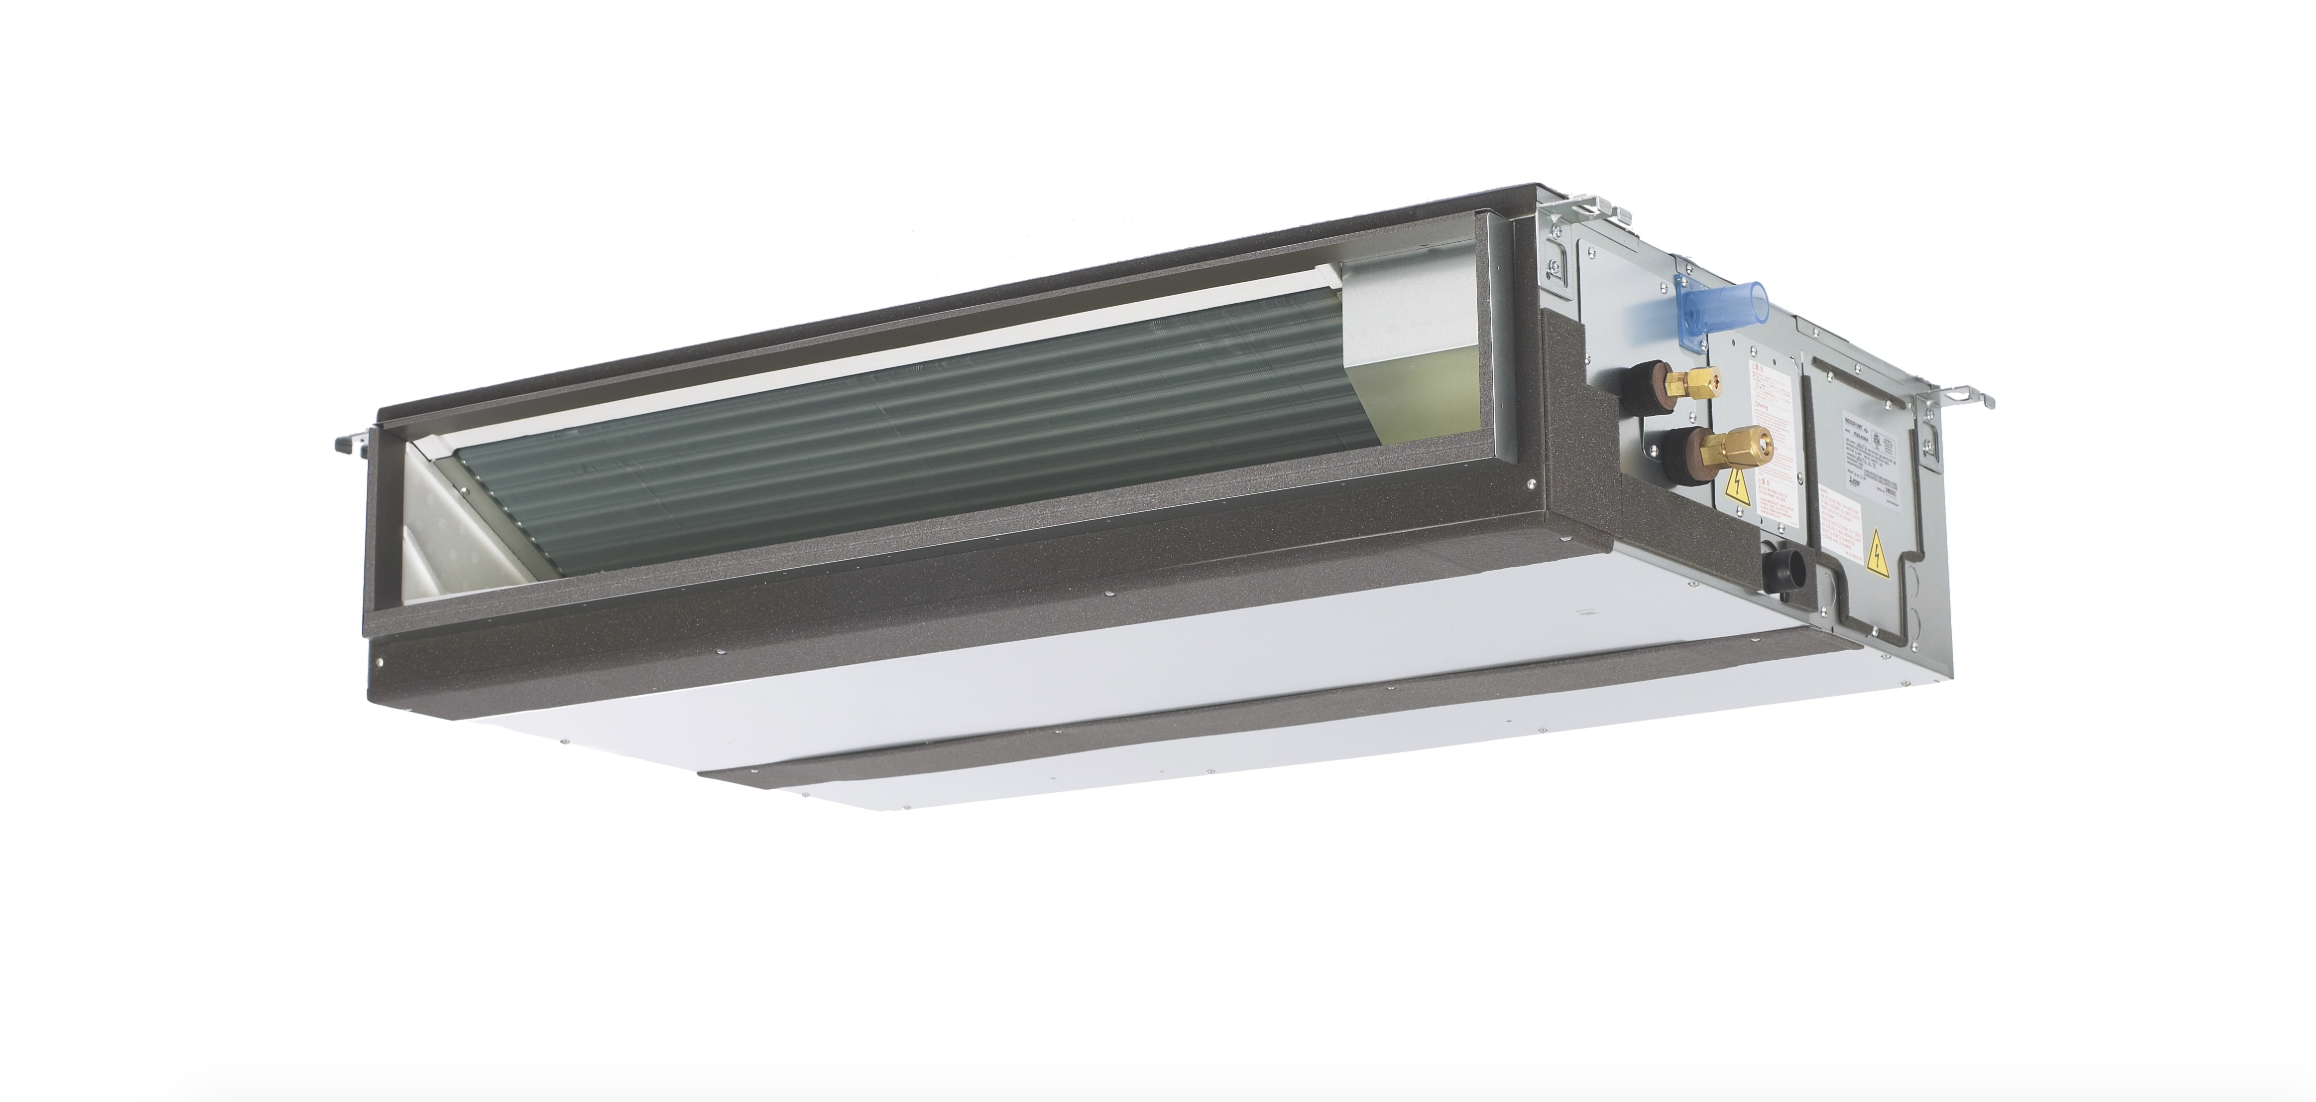 PEAD Horizontal-Ducted Heat Pump - M-Series